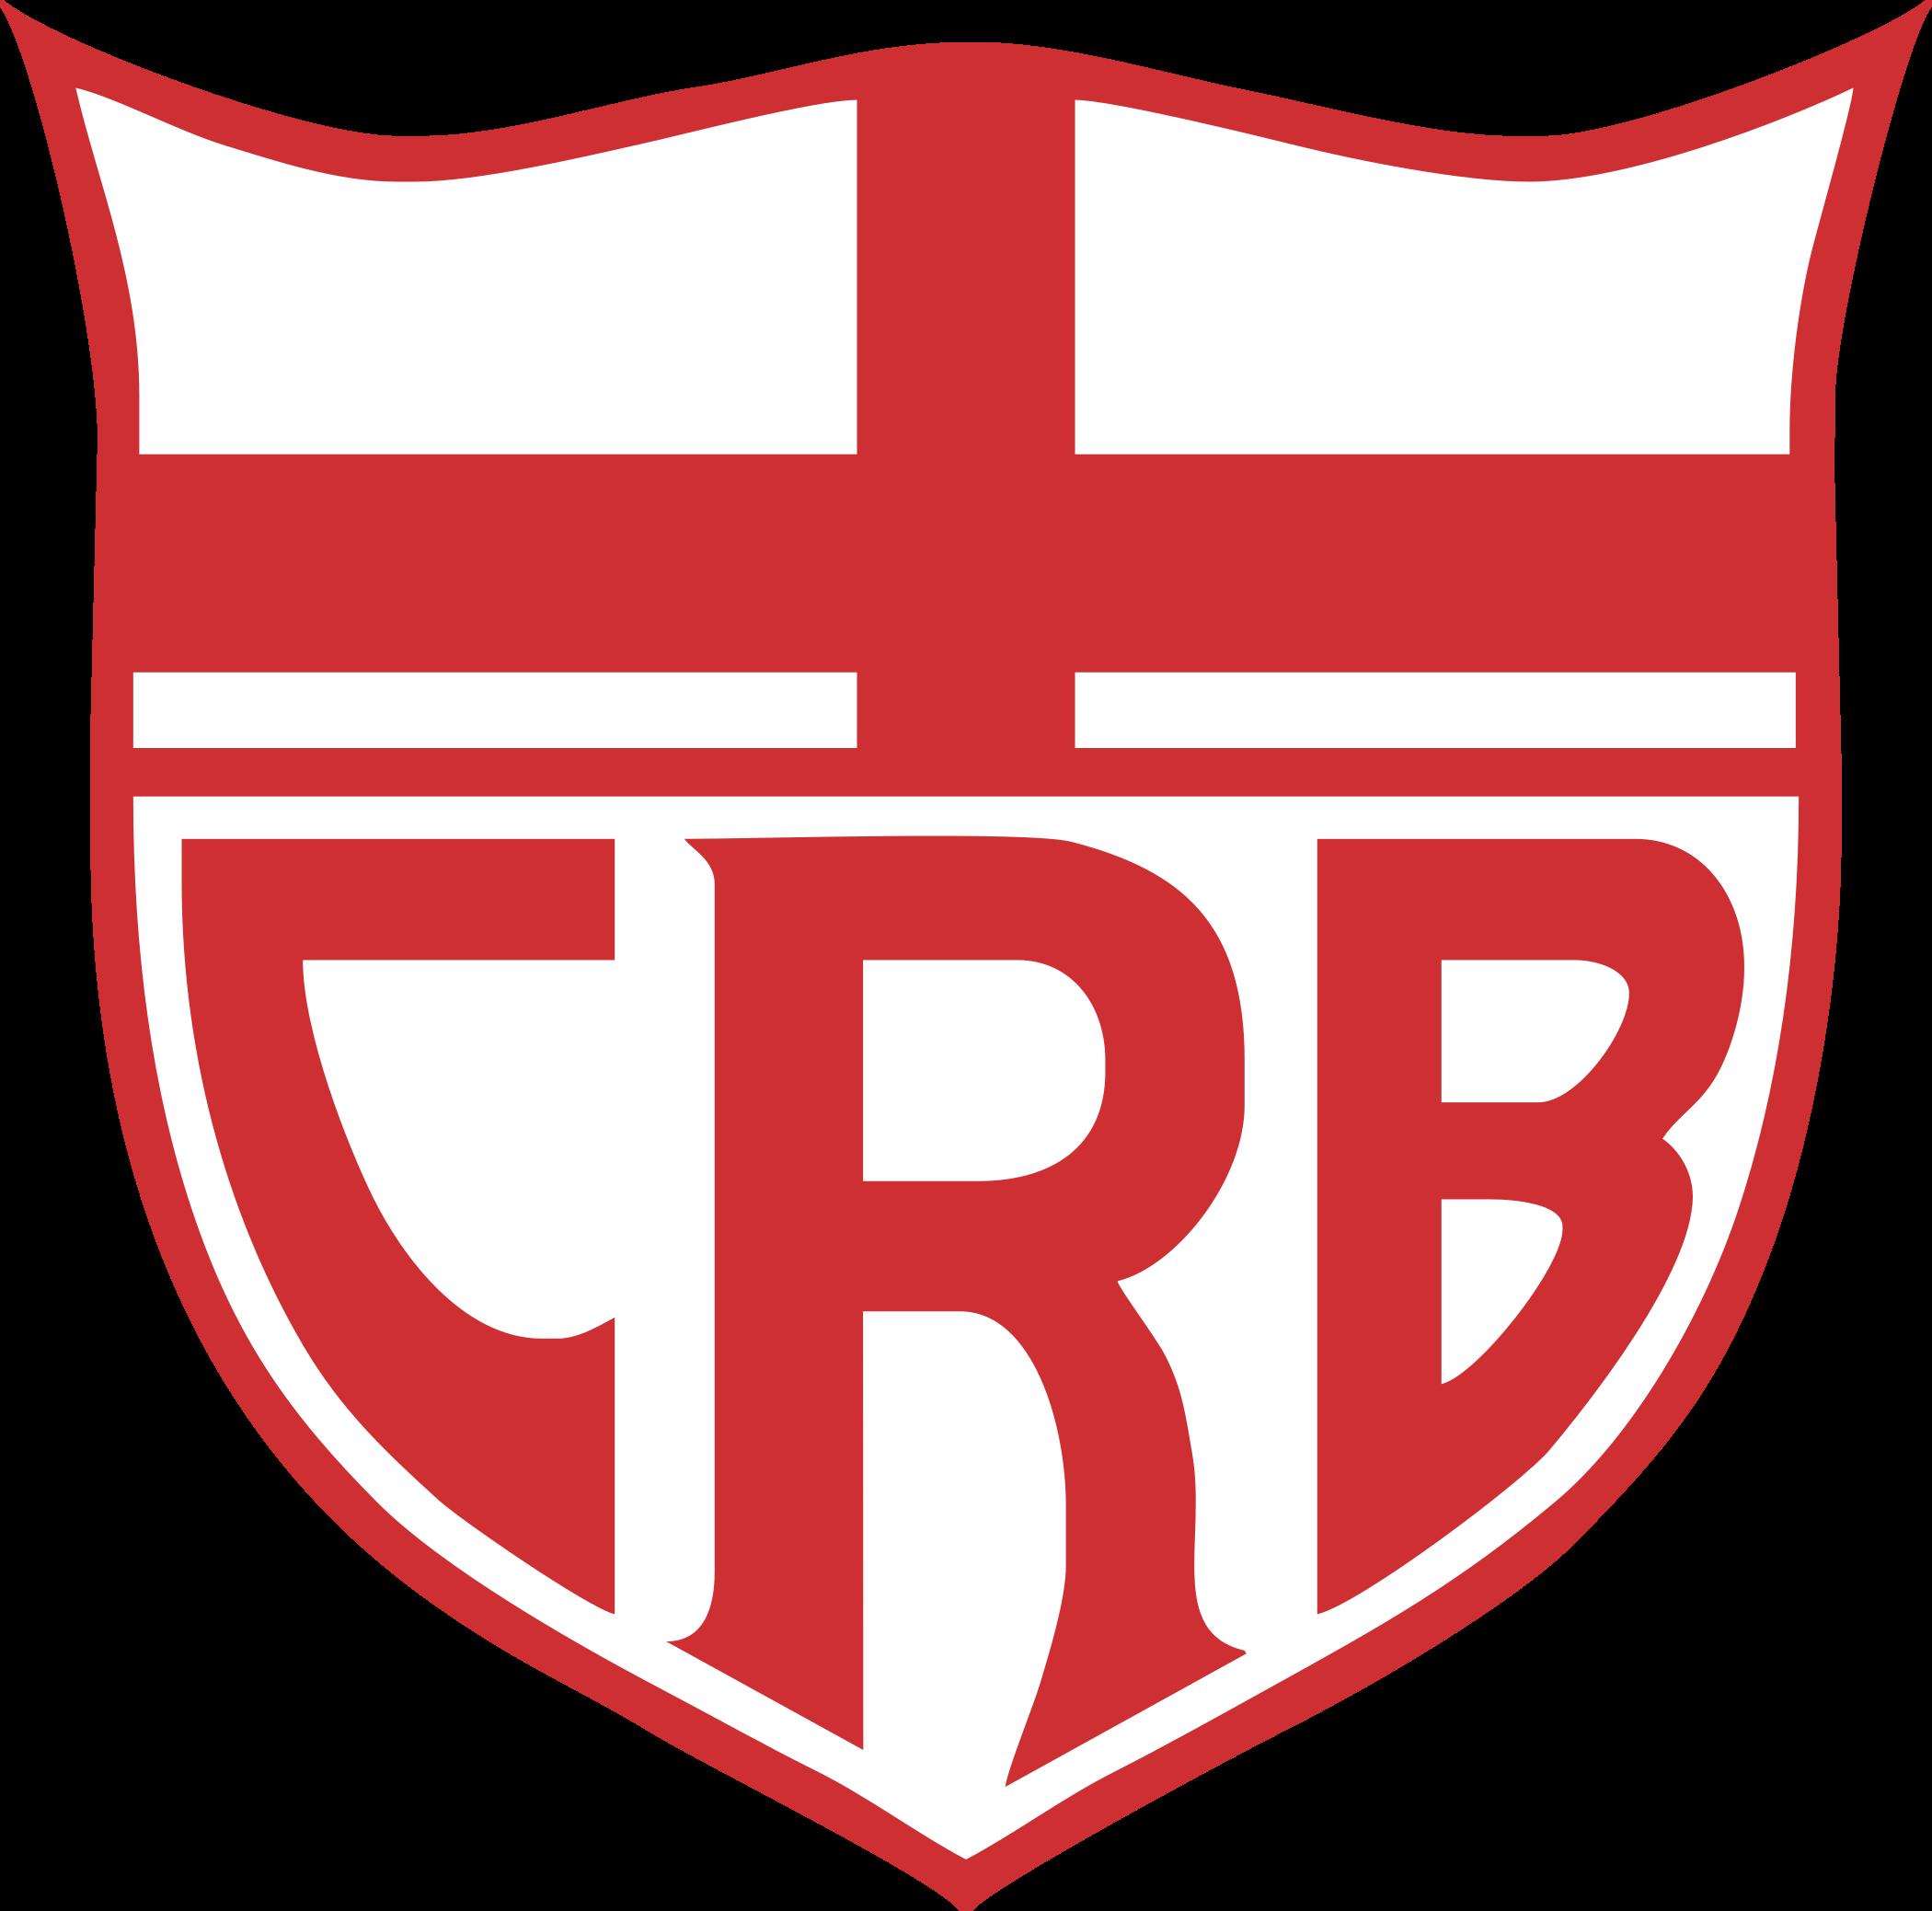 crb logo escudo 1 - CRB Logo - CRB Escudo